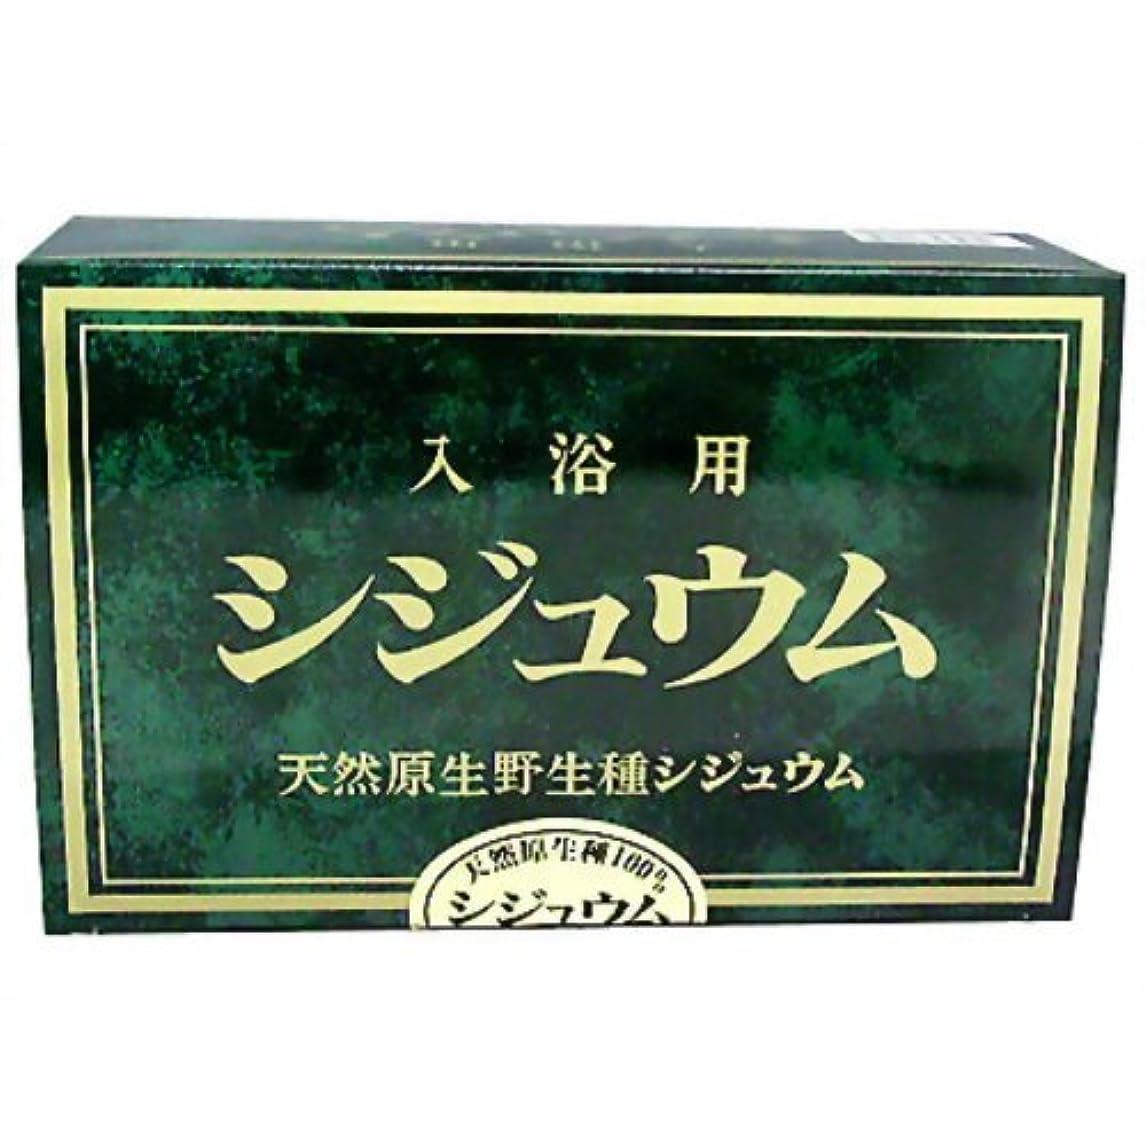 に対処する講義ミシン目入浴用シジュウム(入浴剤)